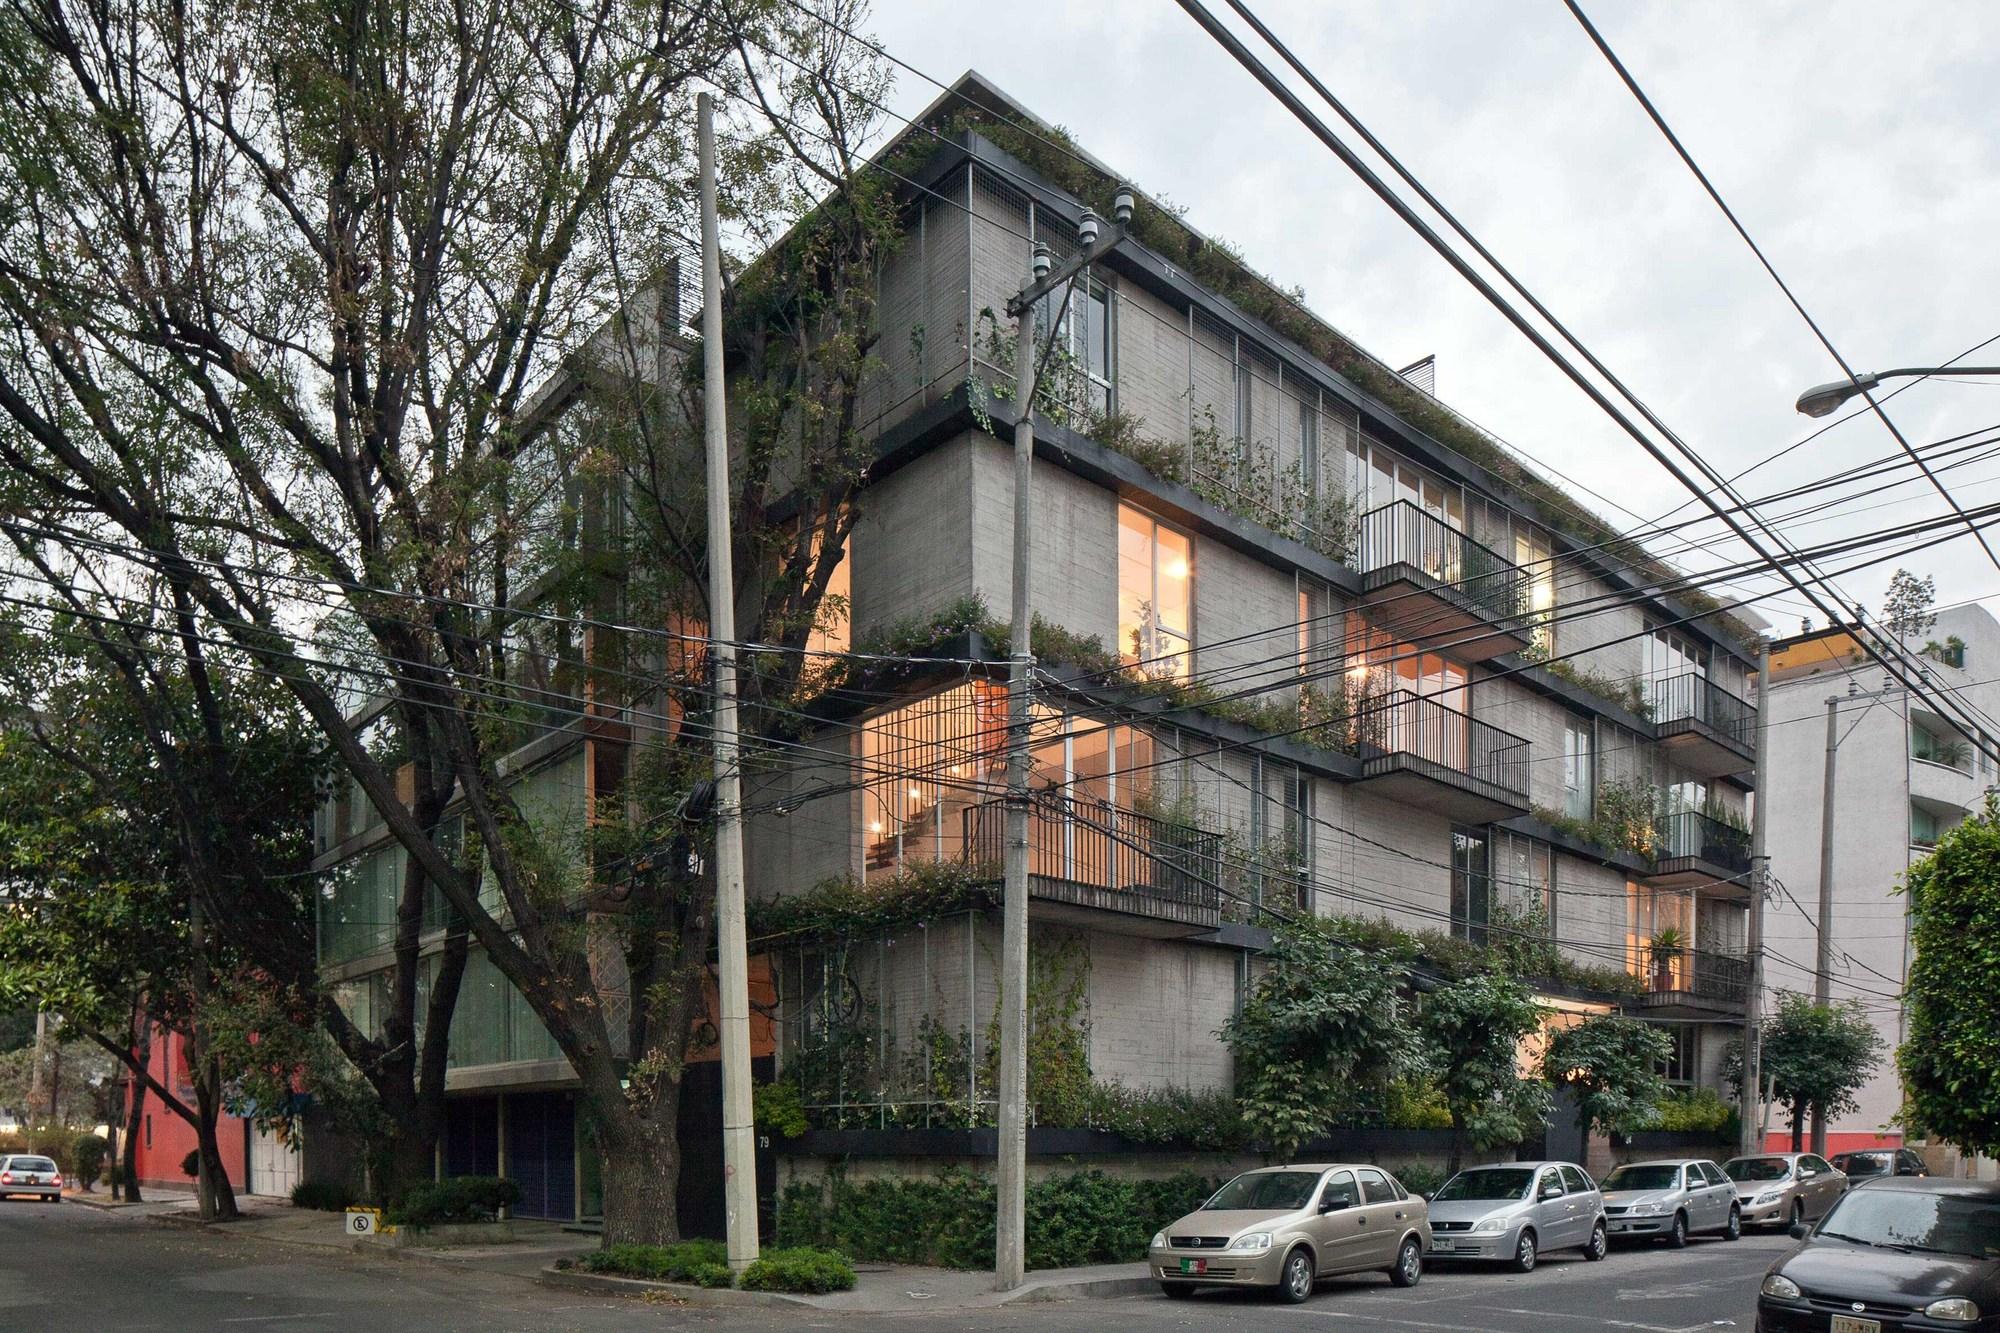 Hera 79 / dmp arquitectura